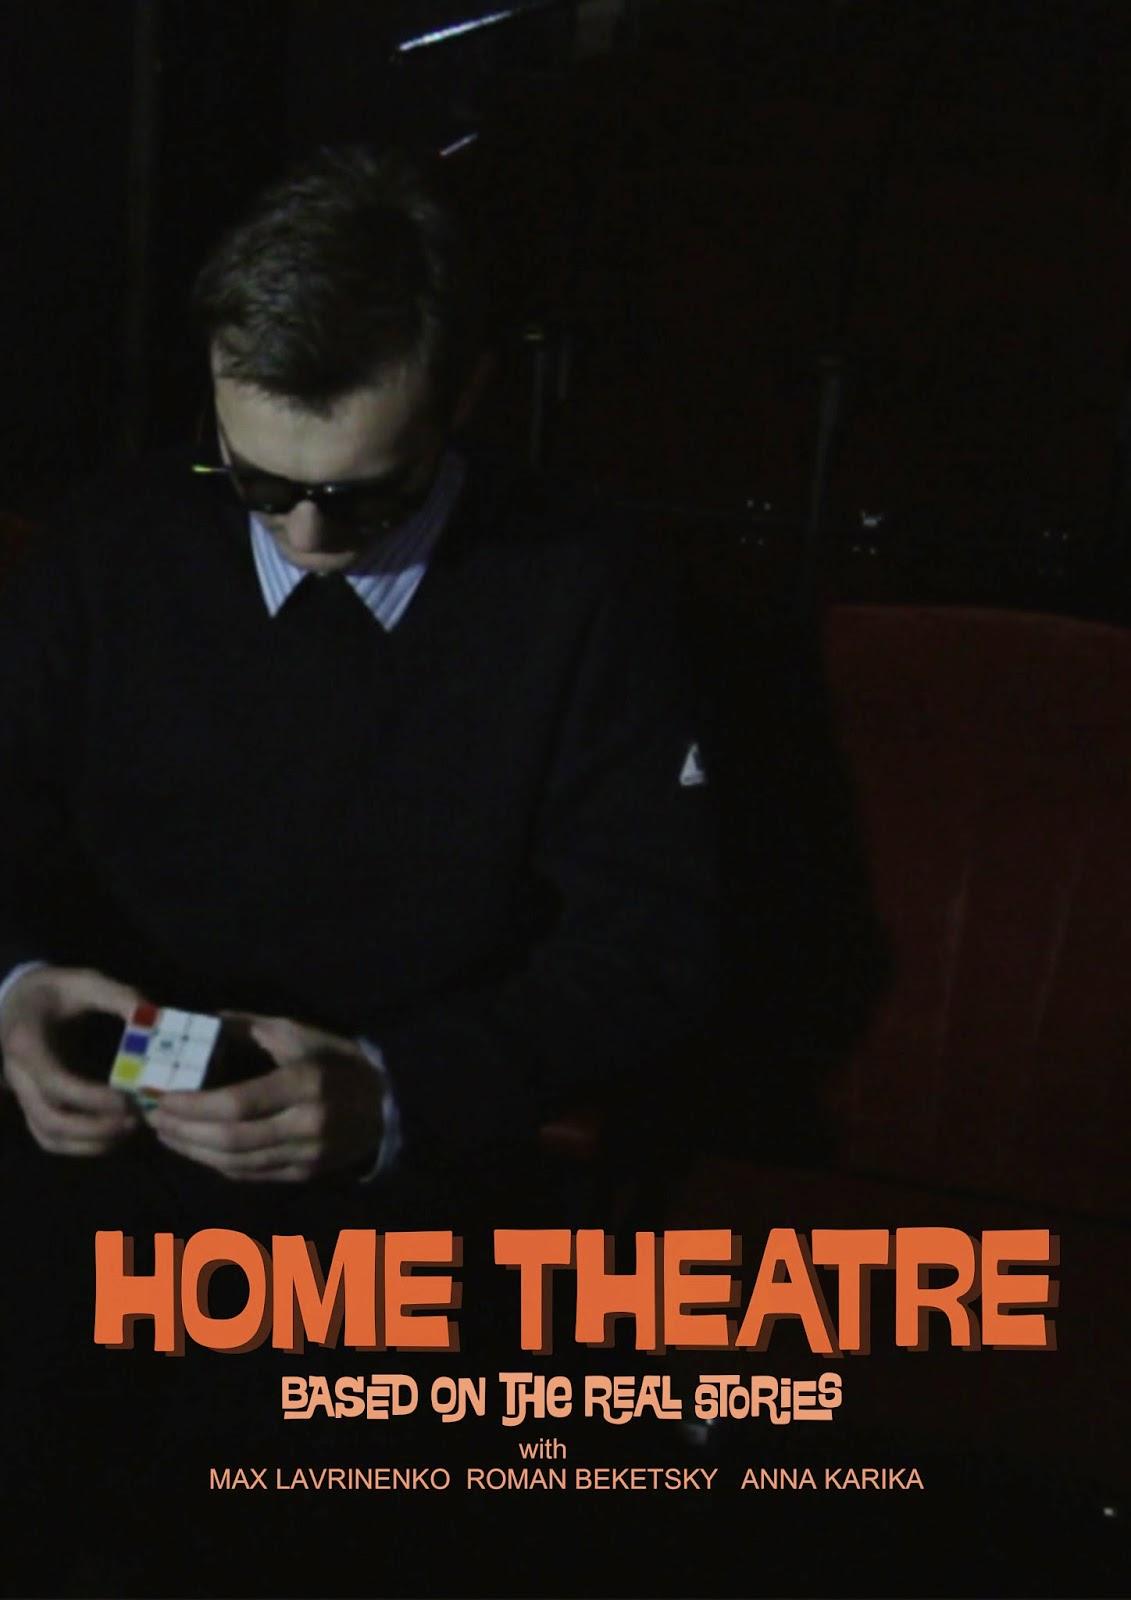 hometheatre1 -